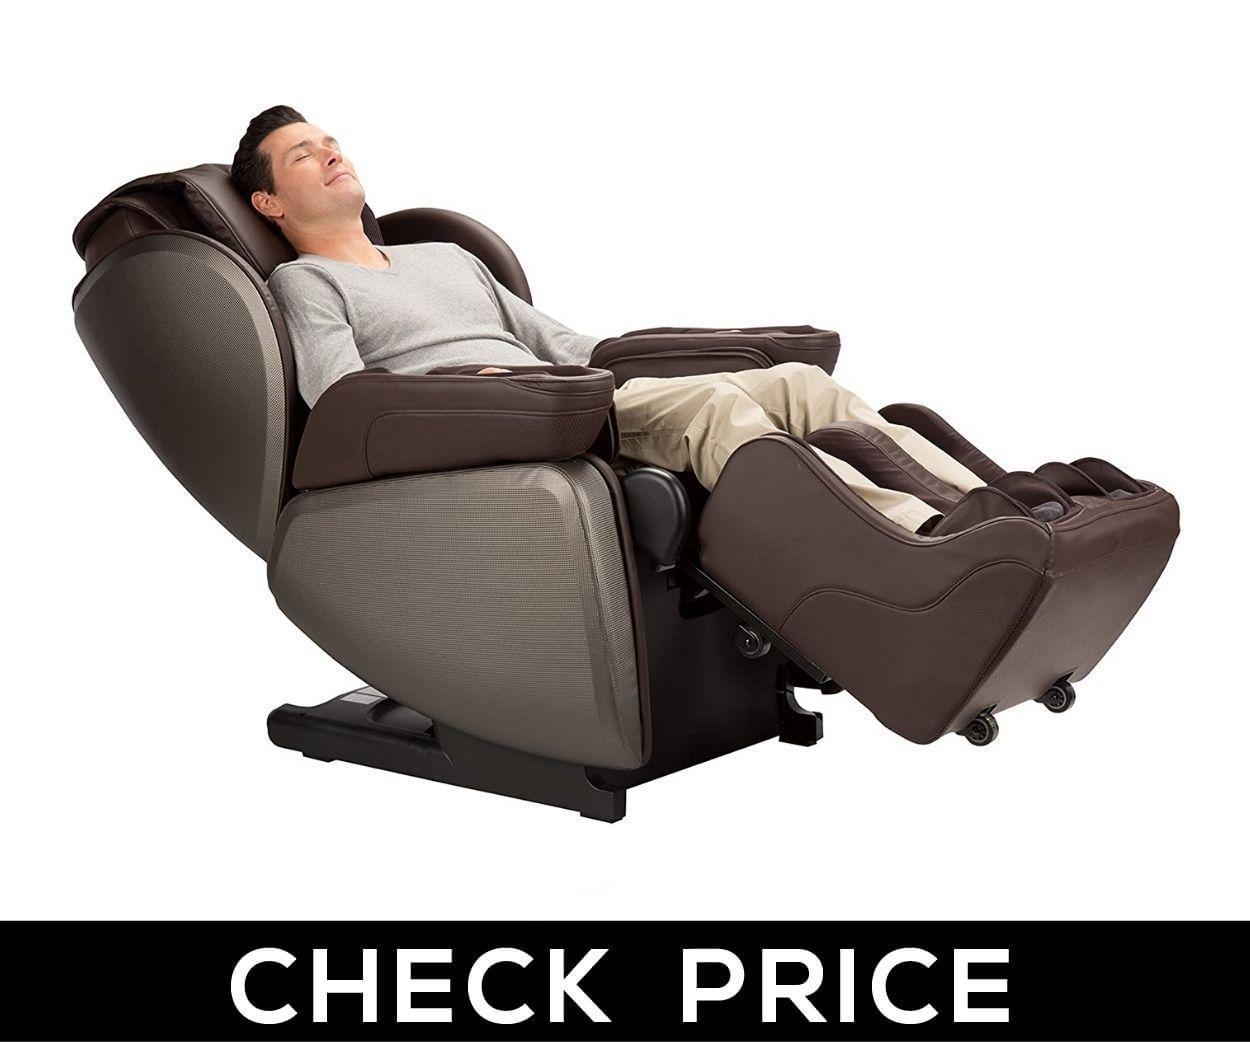 Human Touch Navitas - Best Sleep Massage Chair